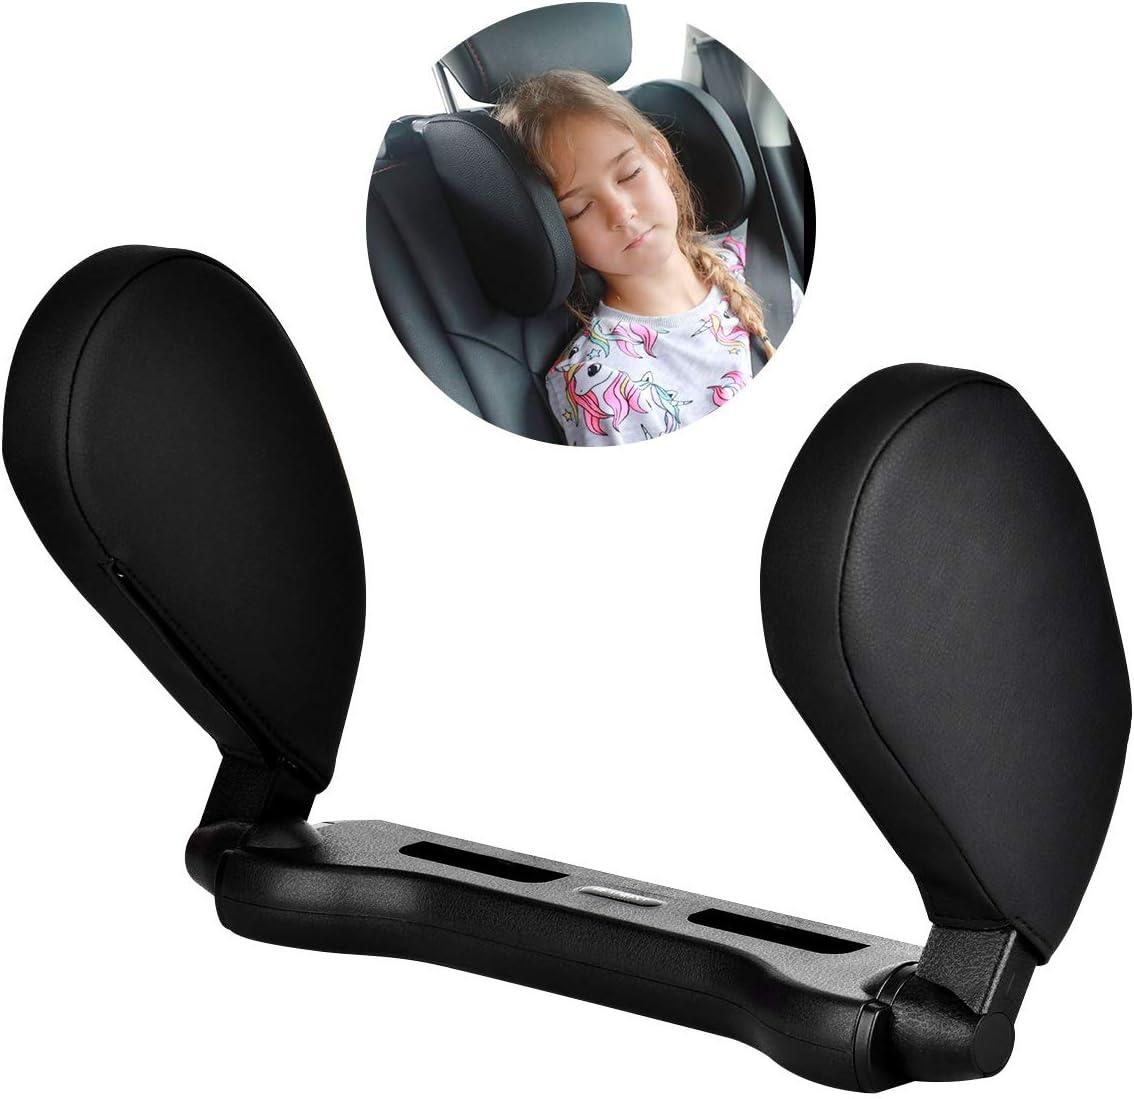 Cozywind Reposacabezas Coche,Ajustable para el Cuello, Cuello Almohada de Viaje para Asiento de Automóvil para Adultos y Niños (Negro)